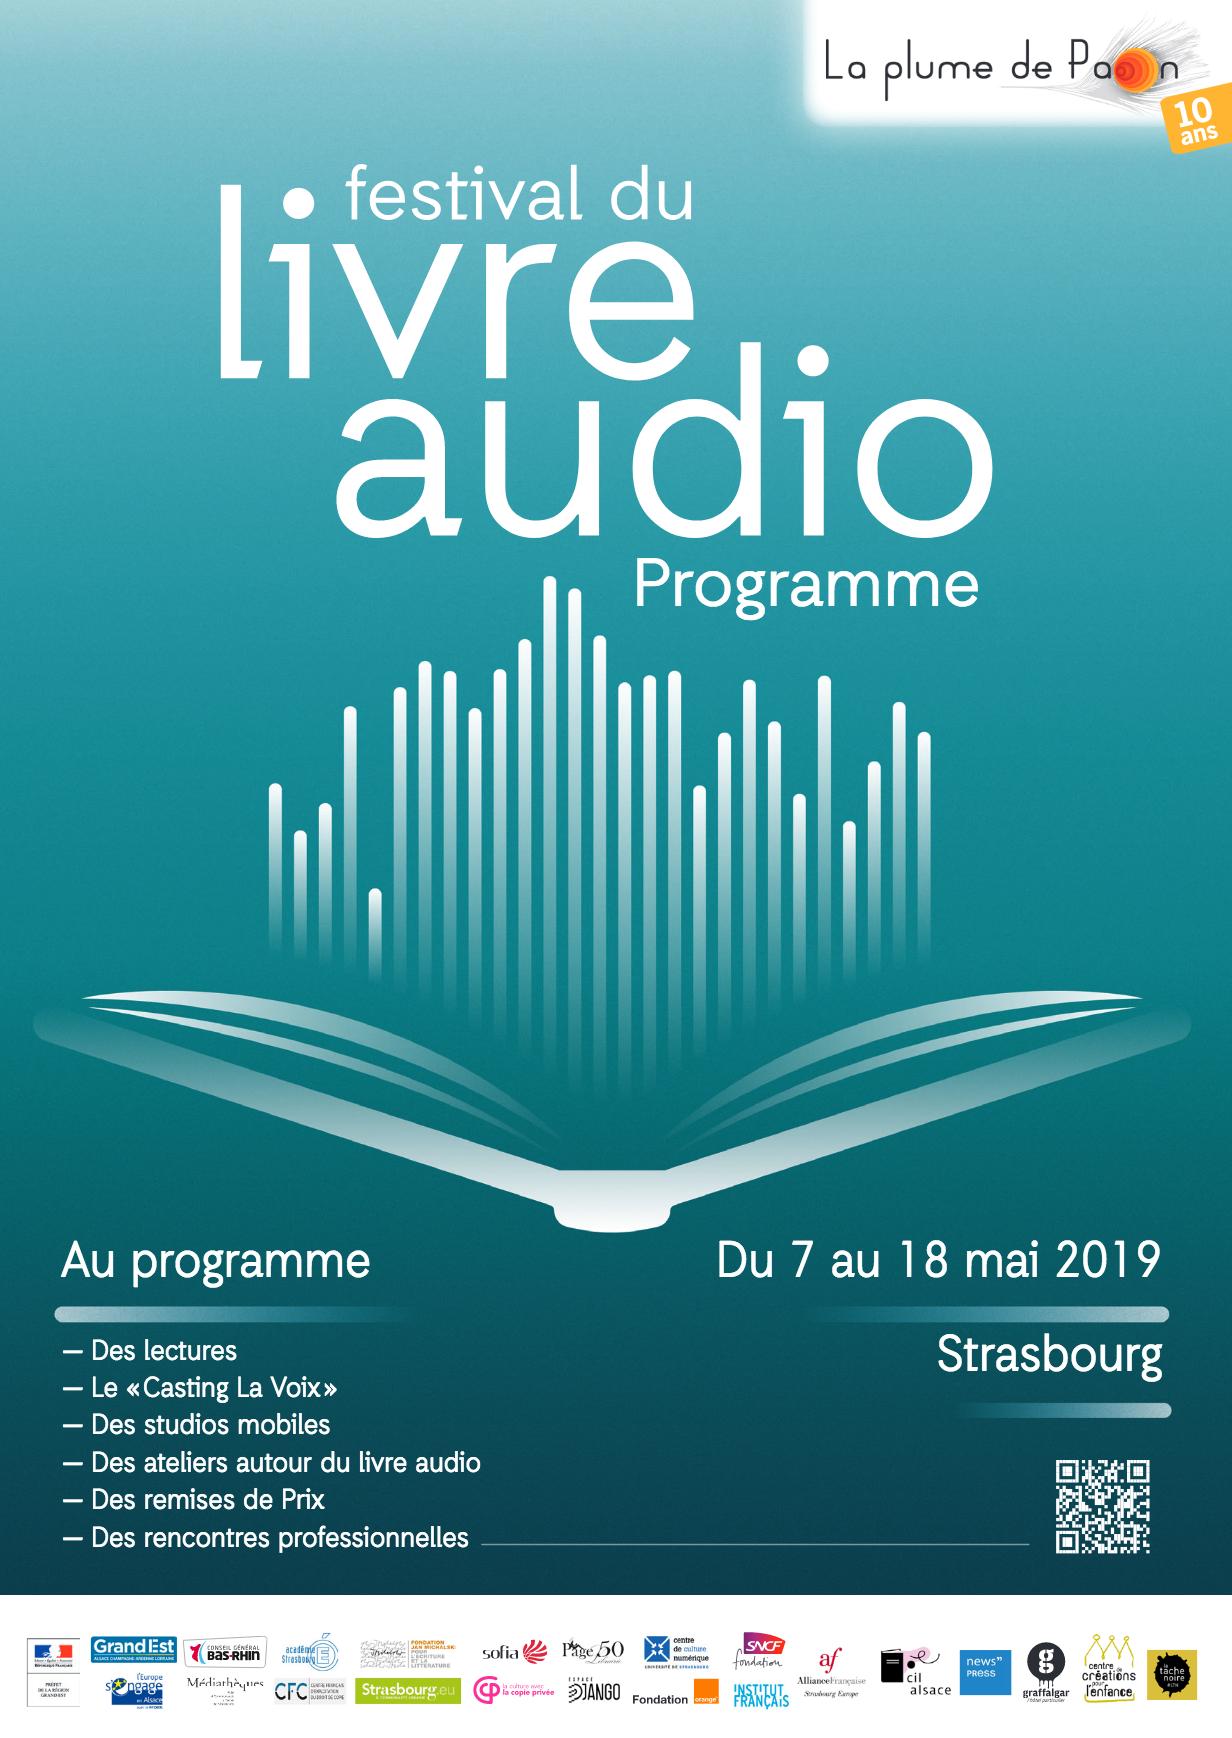 Festival du Livre Audio le programme, un secteur tendance